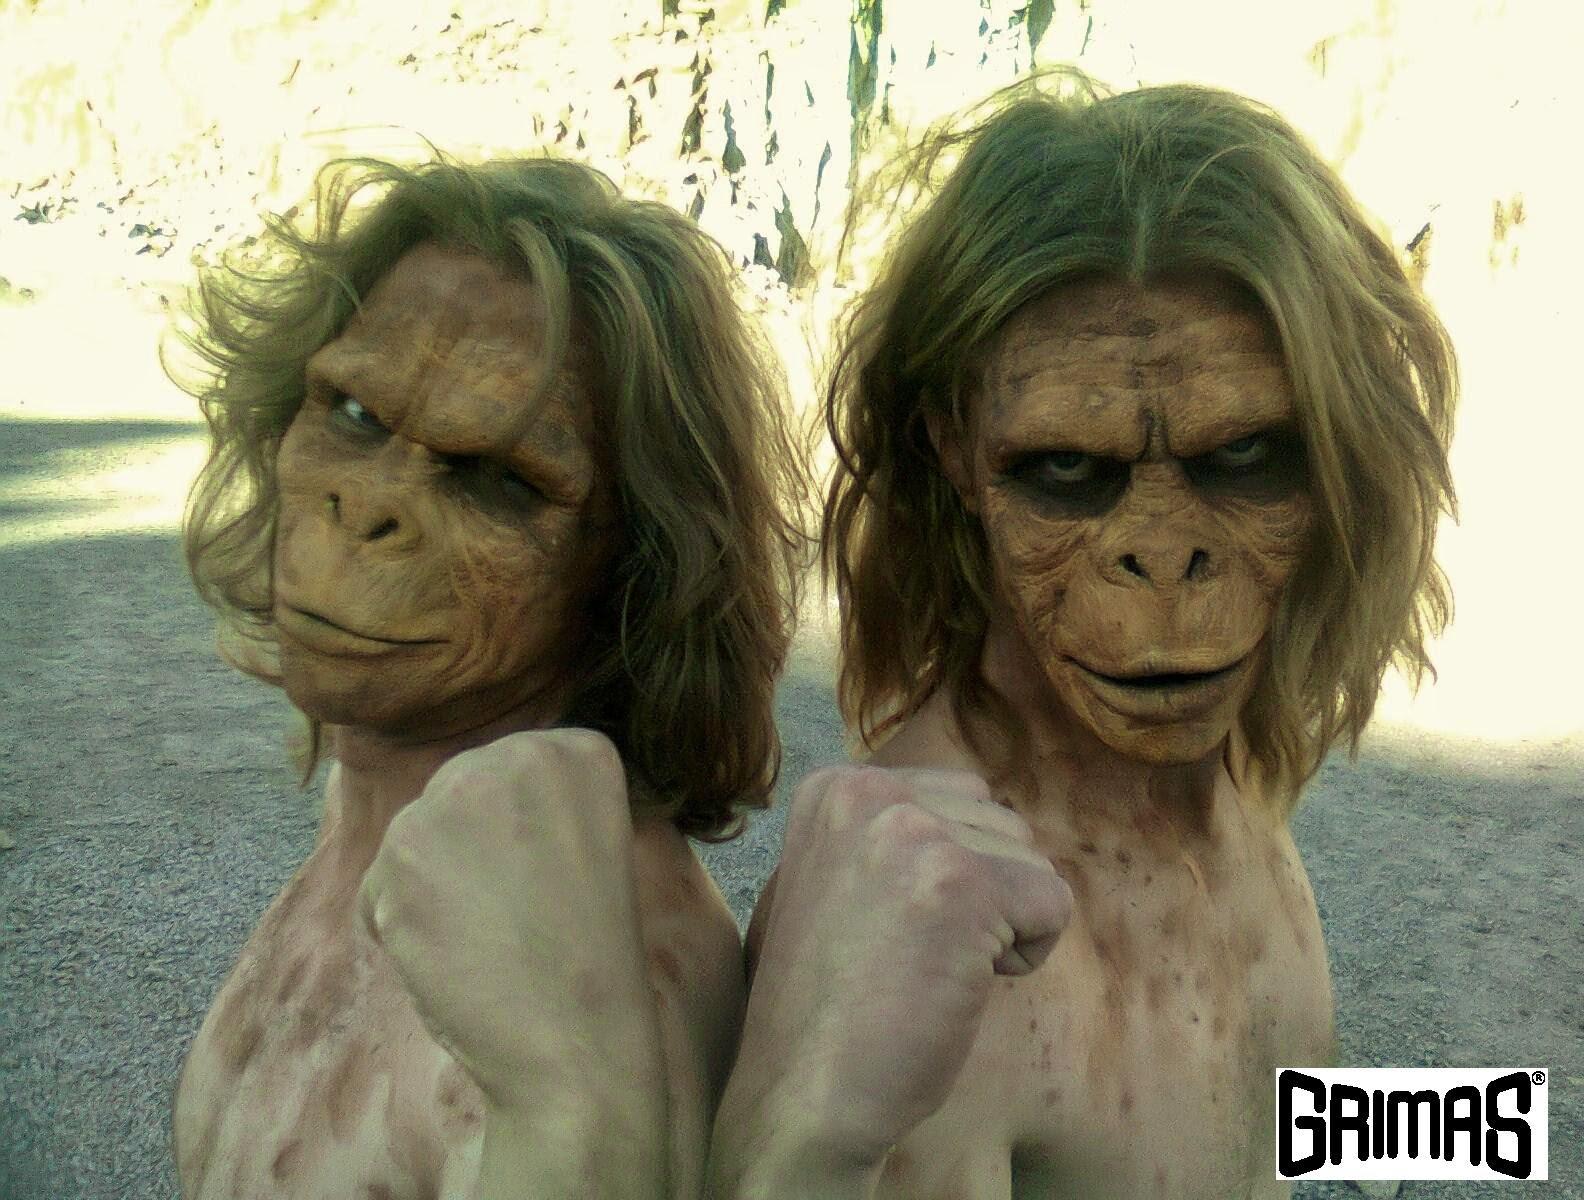 Ape brothers. Makeup: Ari Savonen.